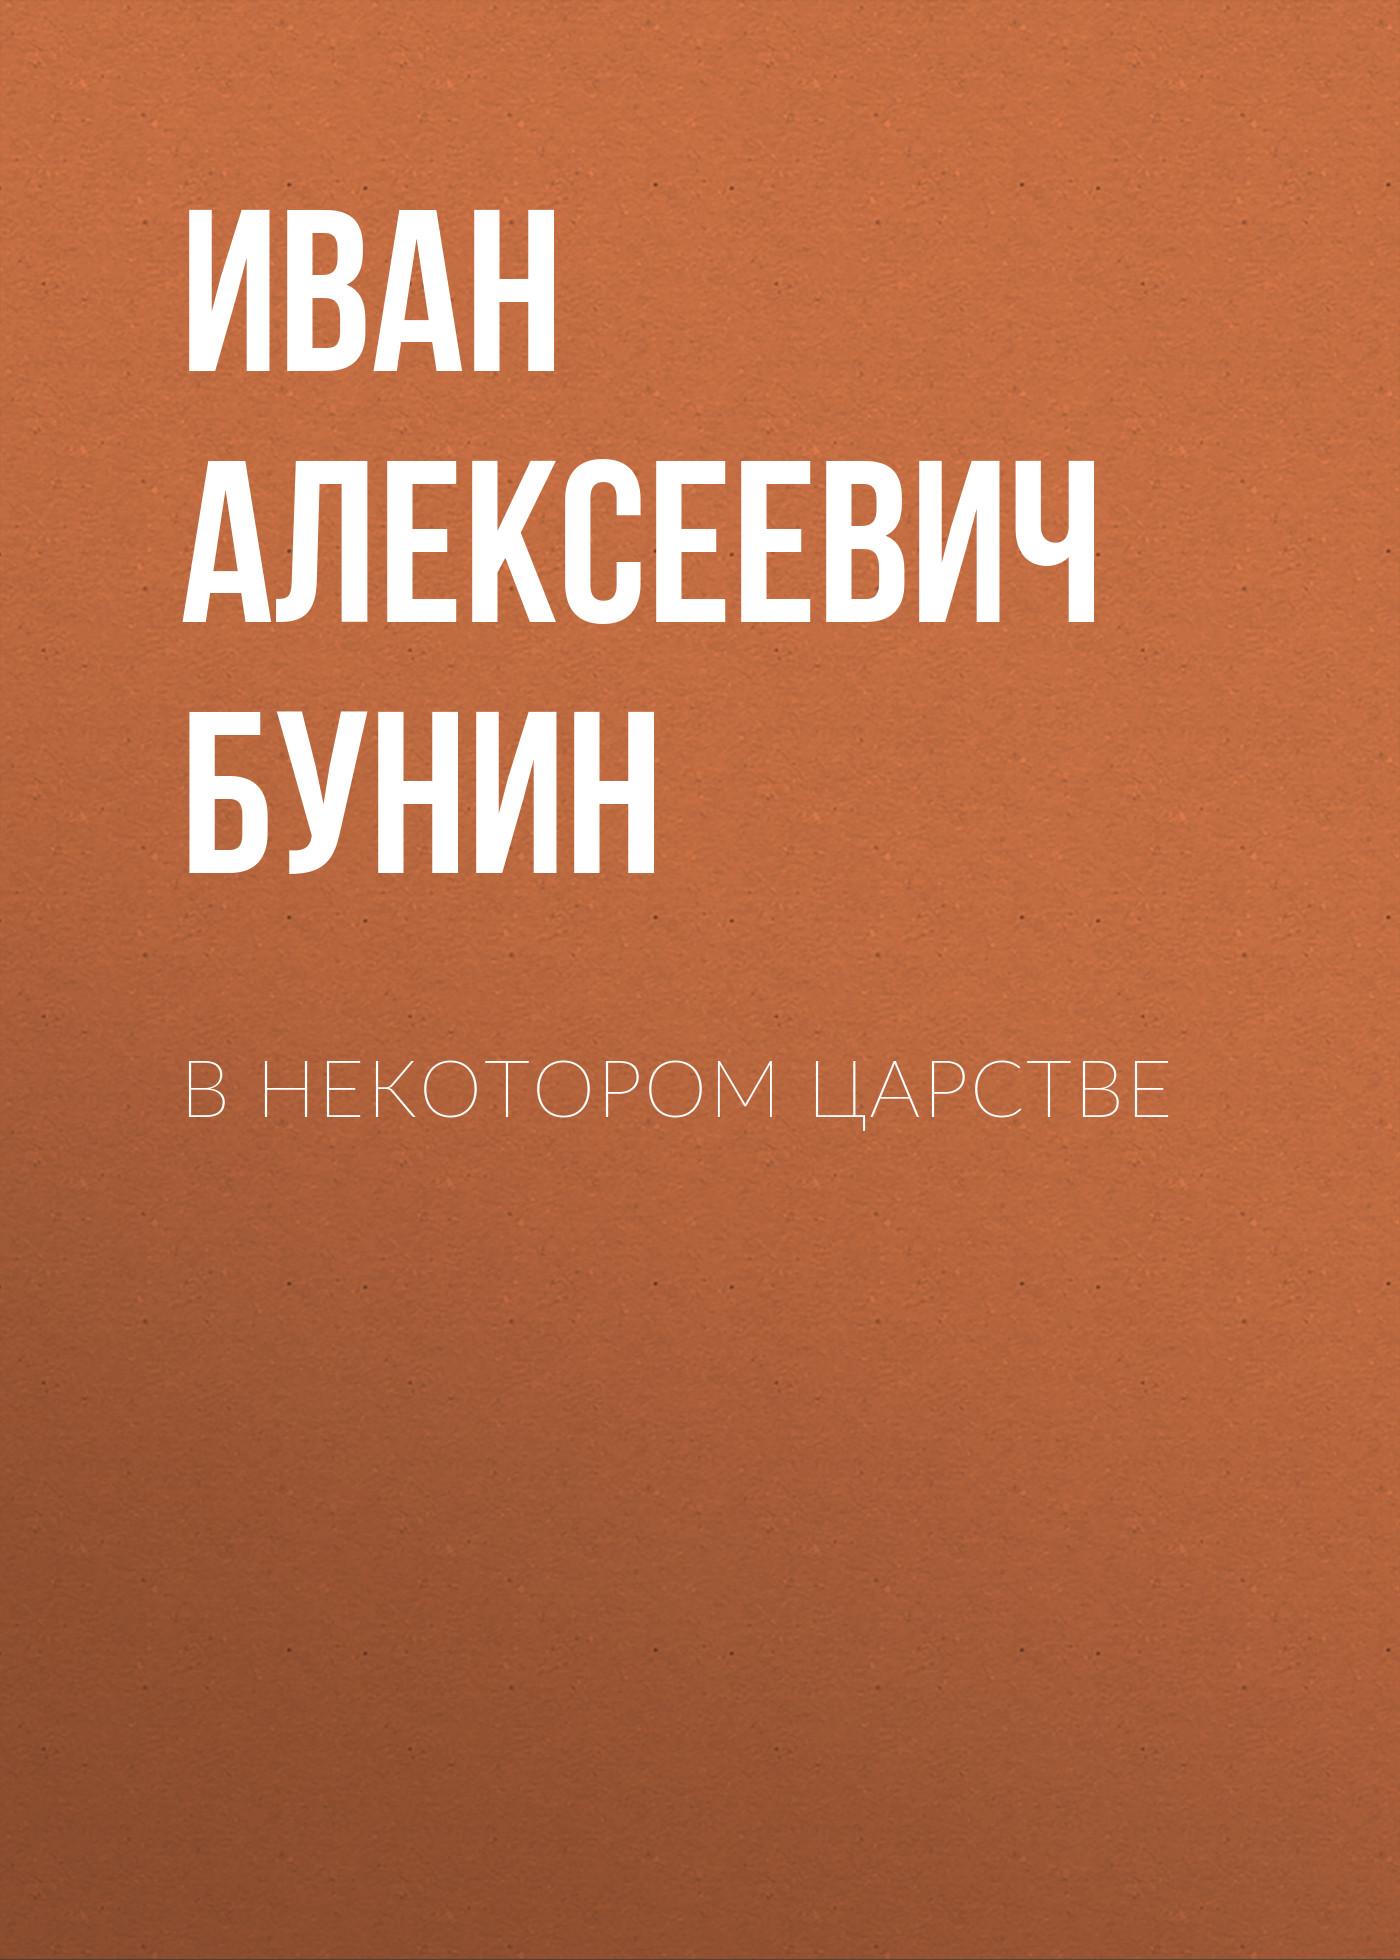 v nekotorom tsarstve